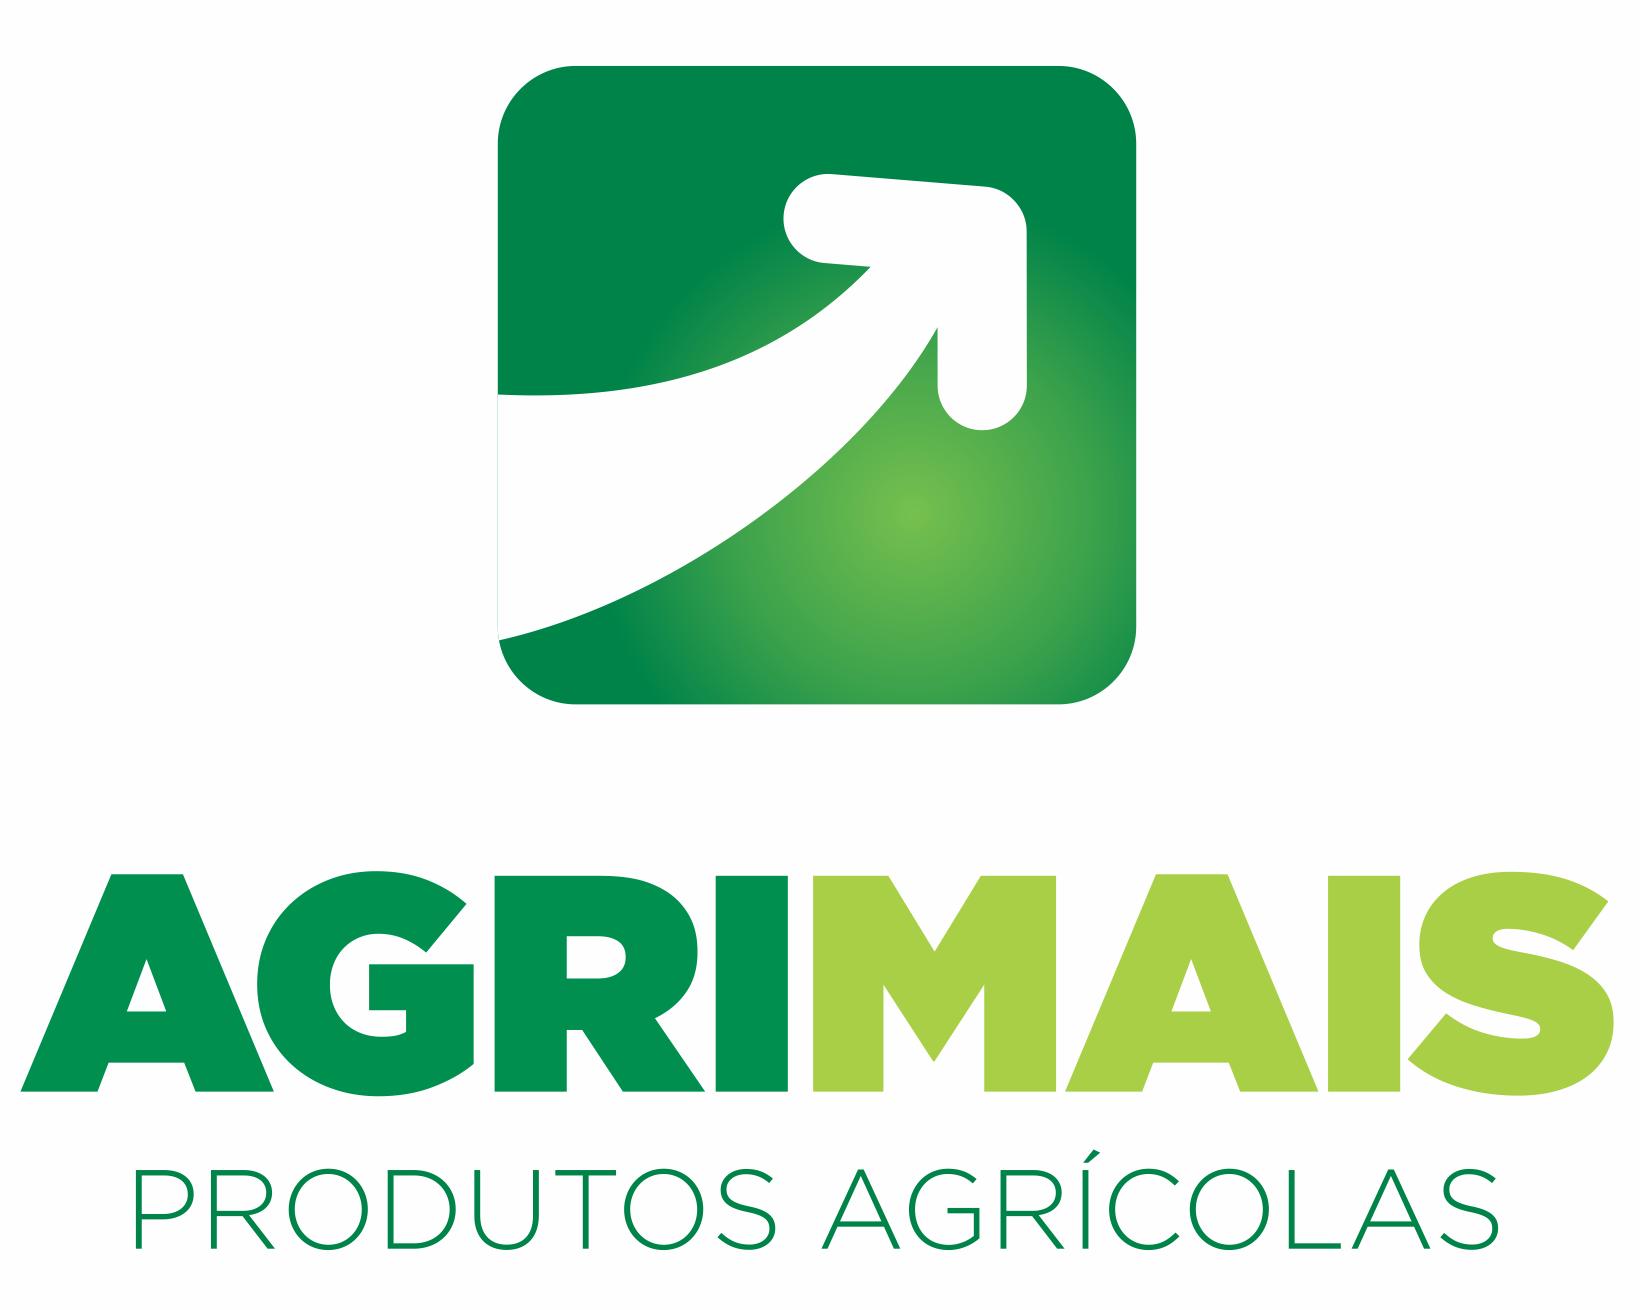 Produtos Agrícolas - Agrimais